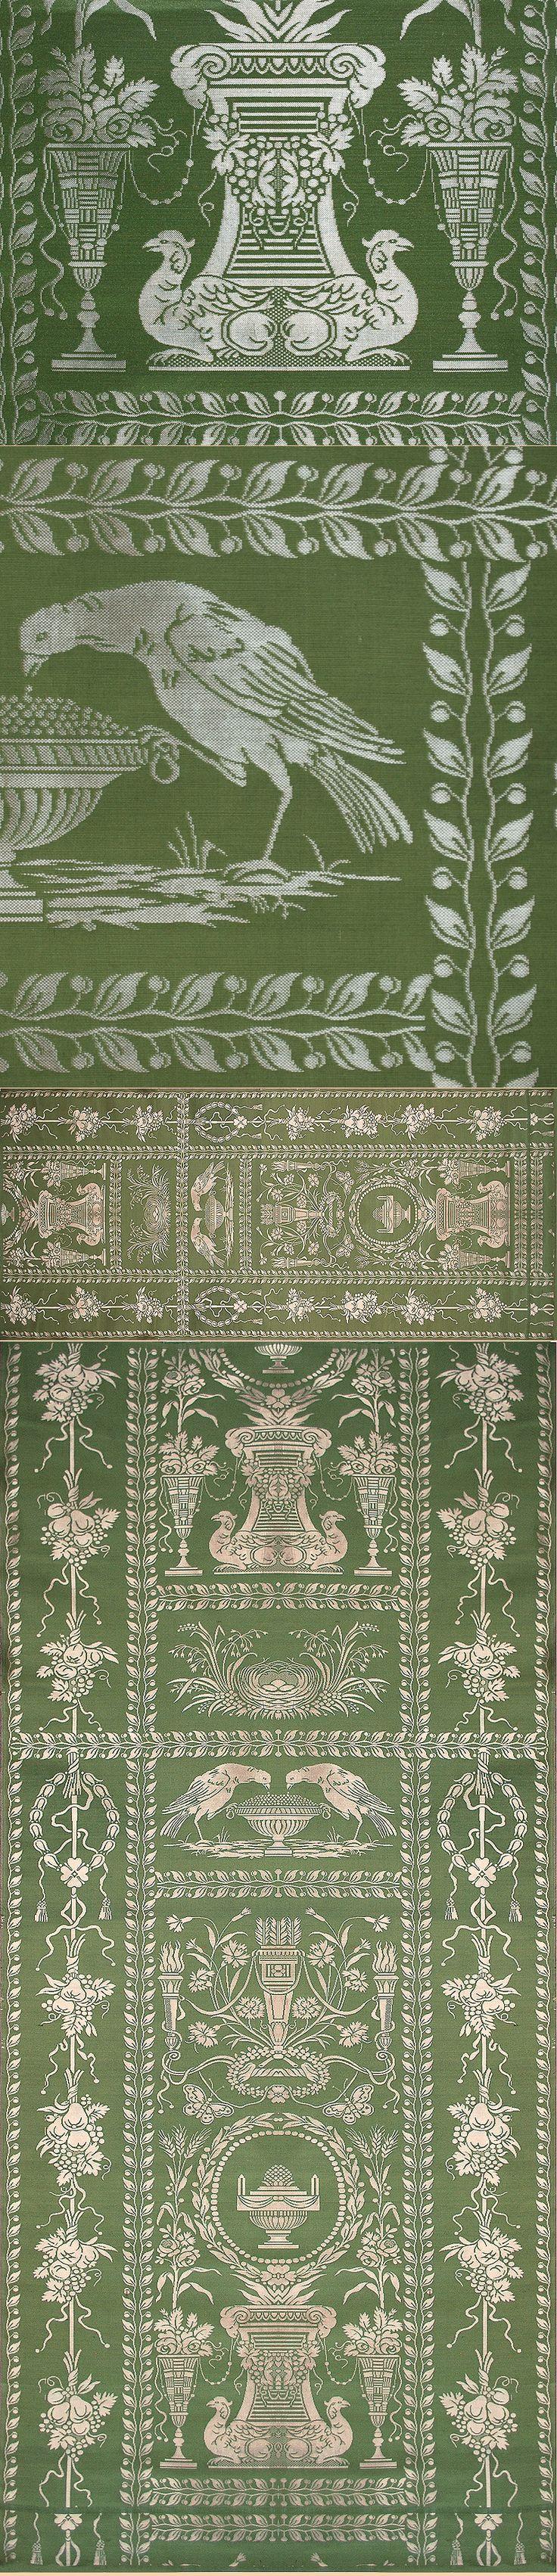 French Textiles - TextileAsArt.com, Fine Antique Textiles and Antique Textile Information